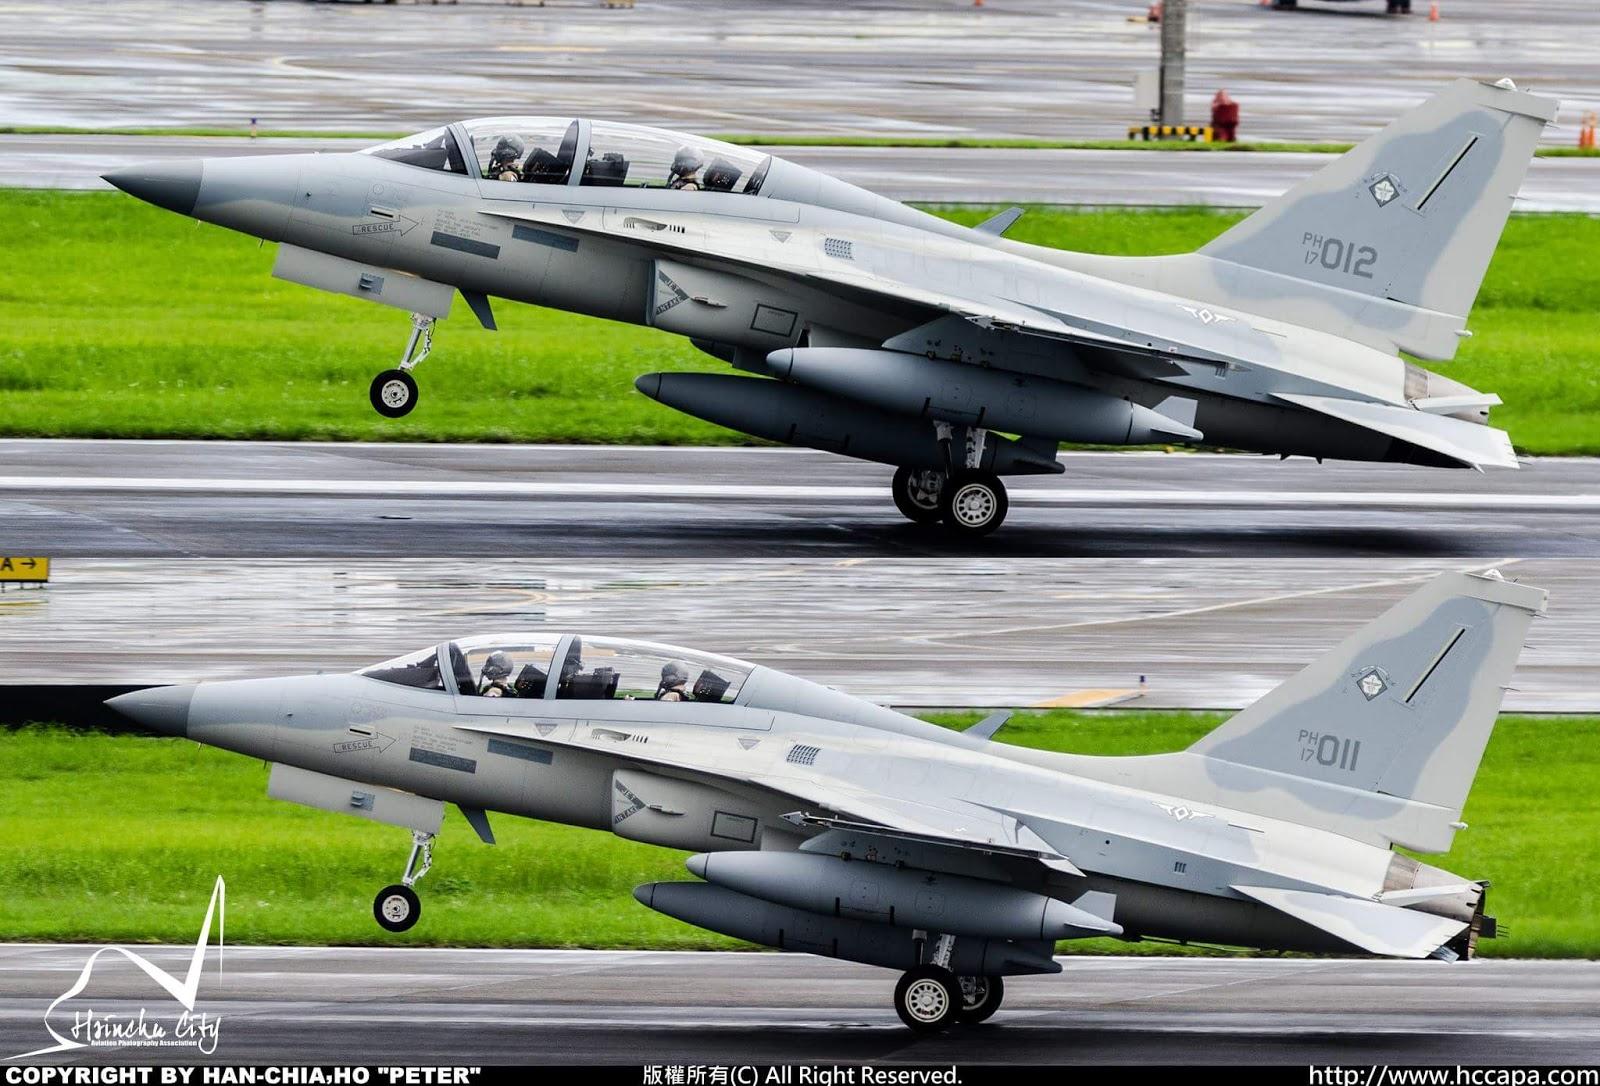 """Последние два из 12 полученных ВВС Филиппин легких истребителей/учебно-боевых самолетов KAI FA-50РН (бортовые номера """"17-011"""" и """"17-012"""") прибывают на авиабазу Кларк (Филиппины), 31.05.2017."""